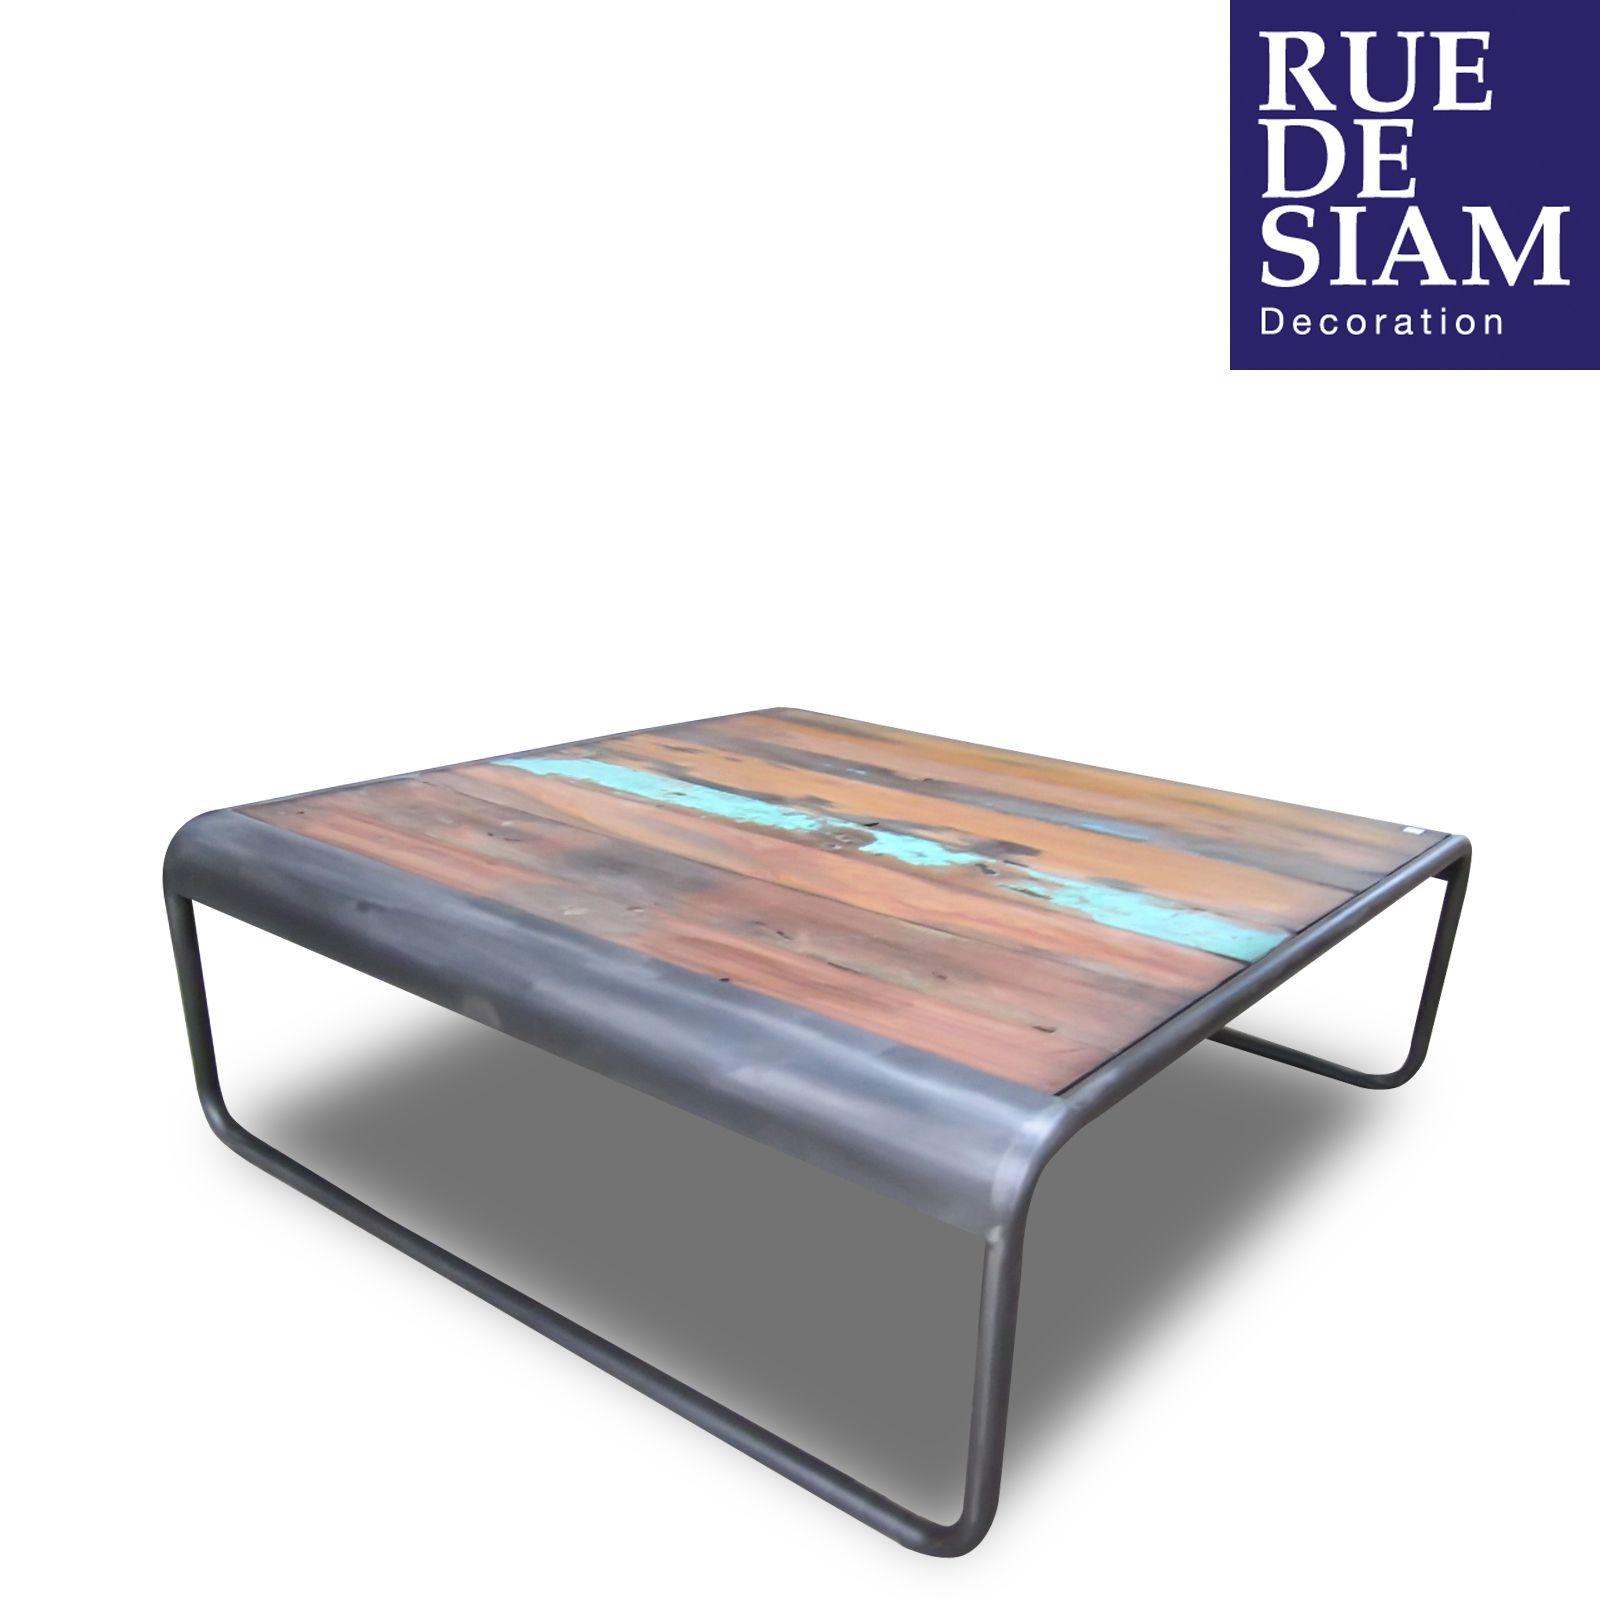 Table basse bois et métal  #meuble #table #basse #bois #metal #design #industriel #ruedesiam